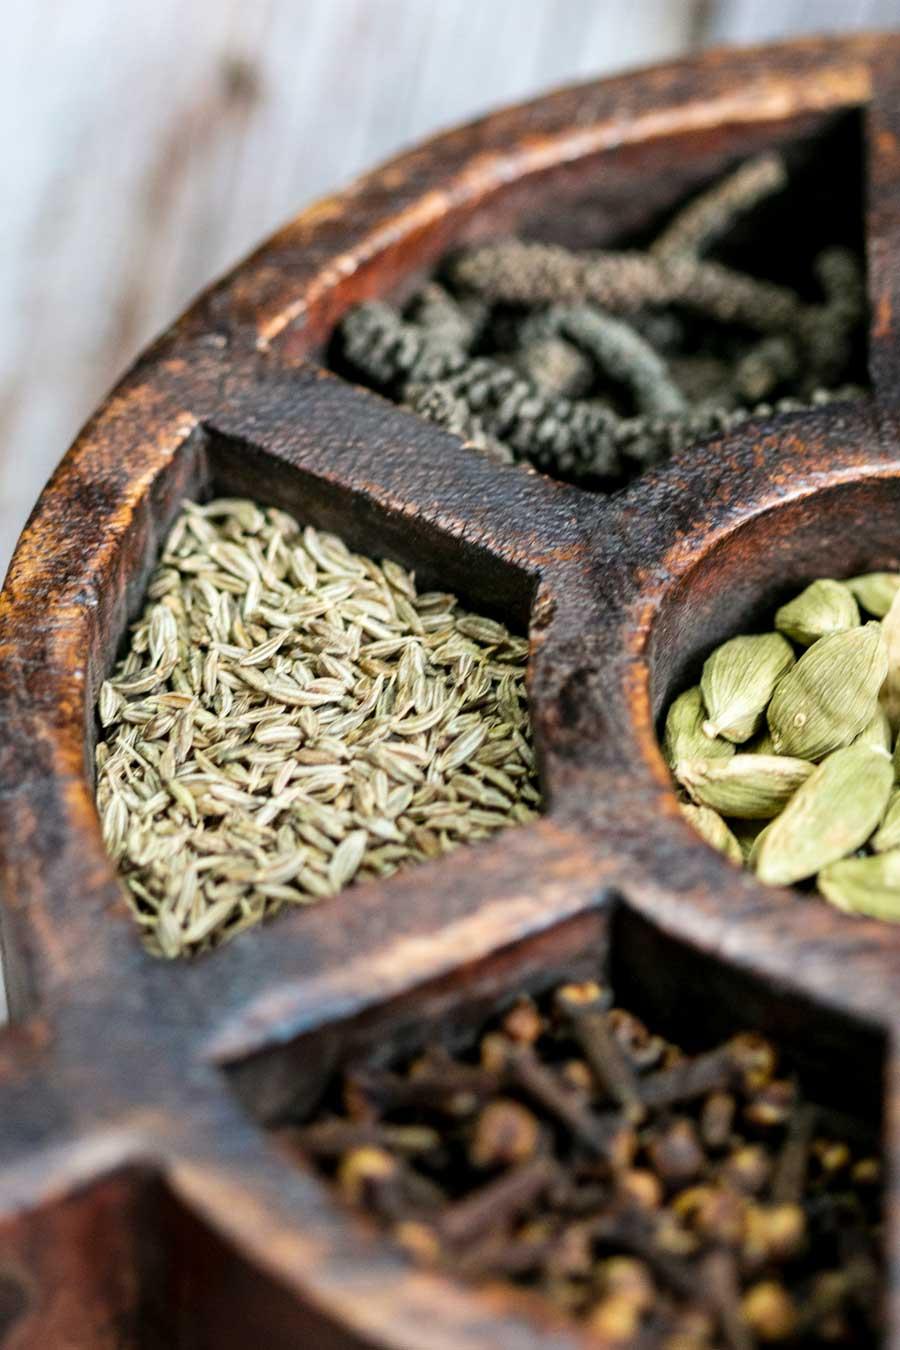 Epices sèches dans une boîte à épices indienne en bois